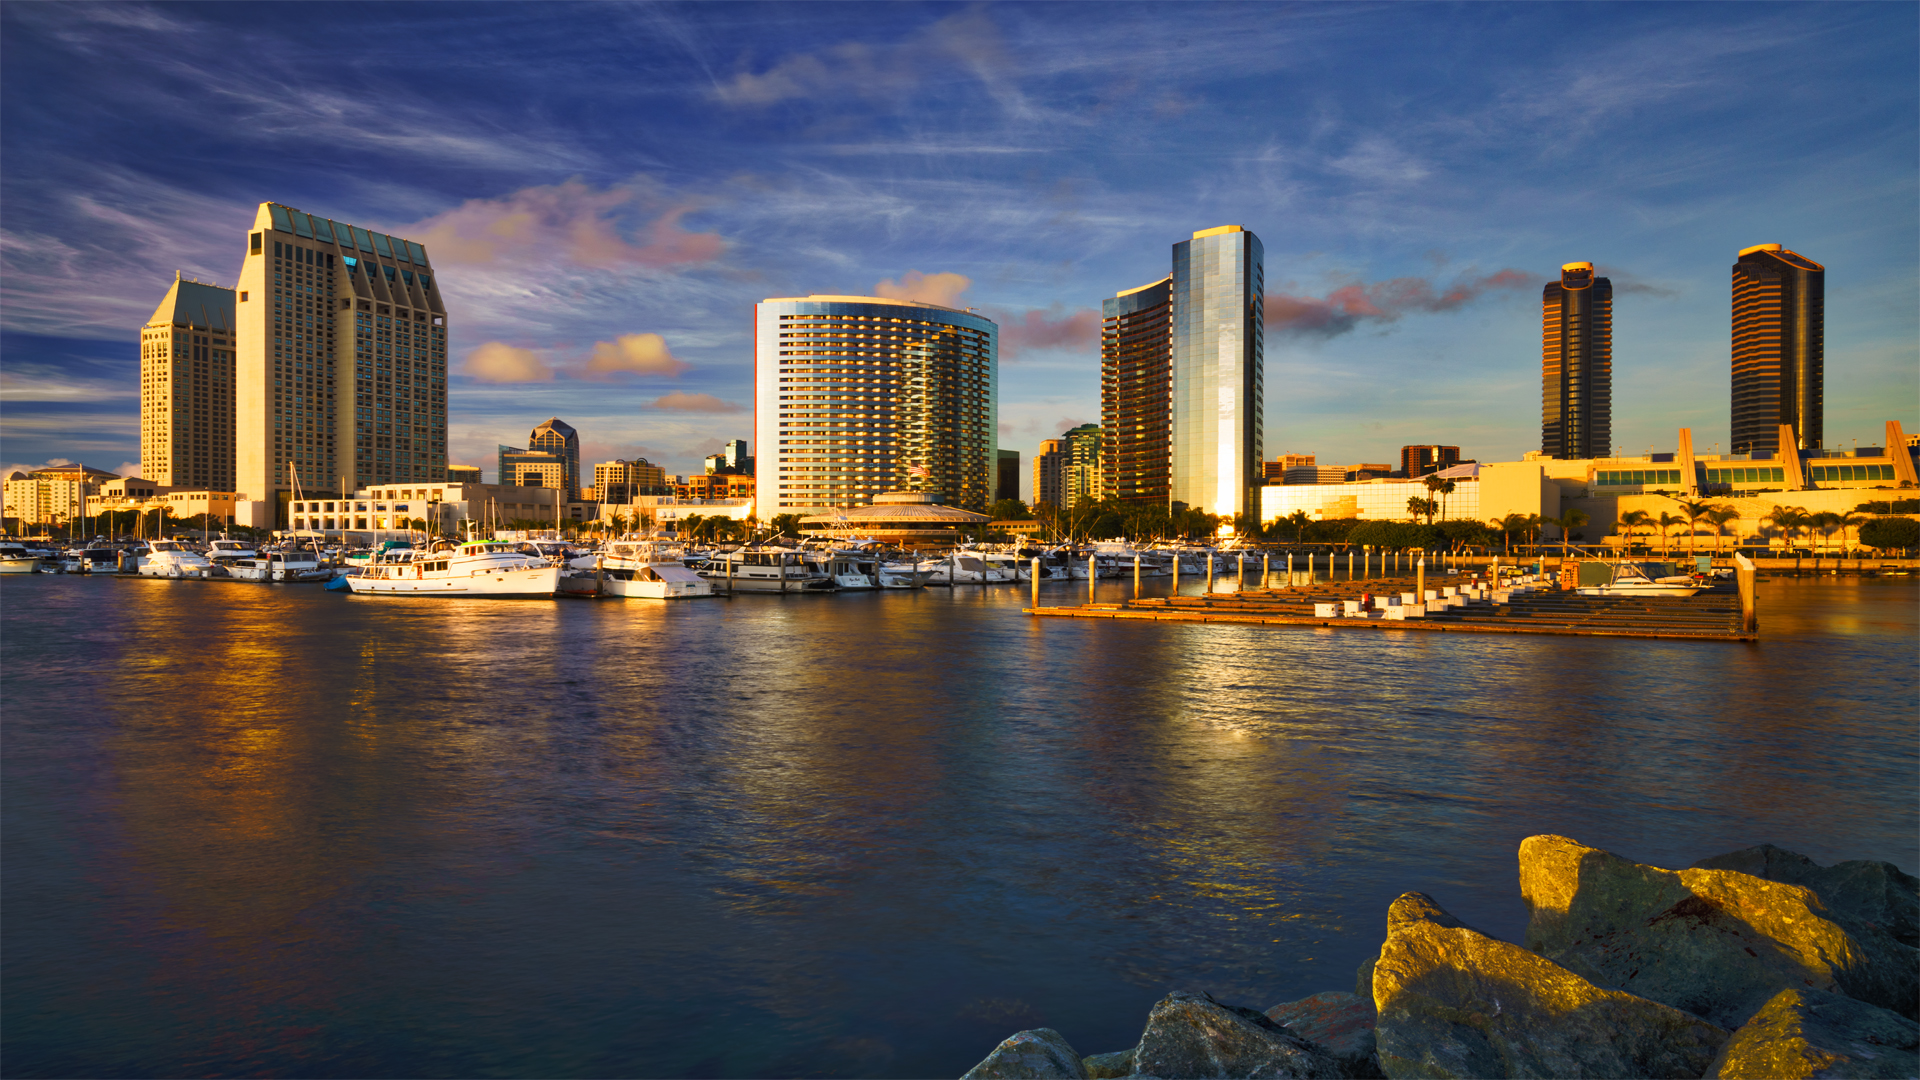 SD Harbor Marina1, San Diego Marina